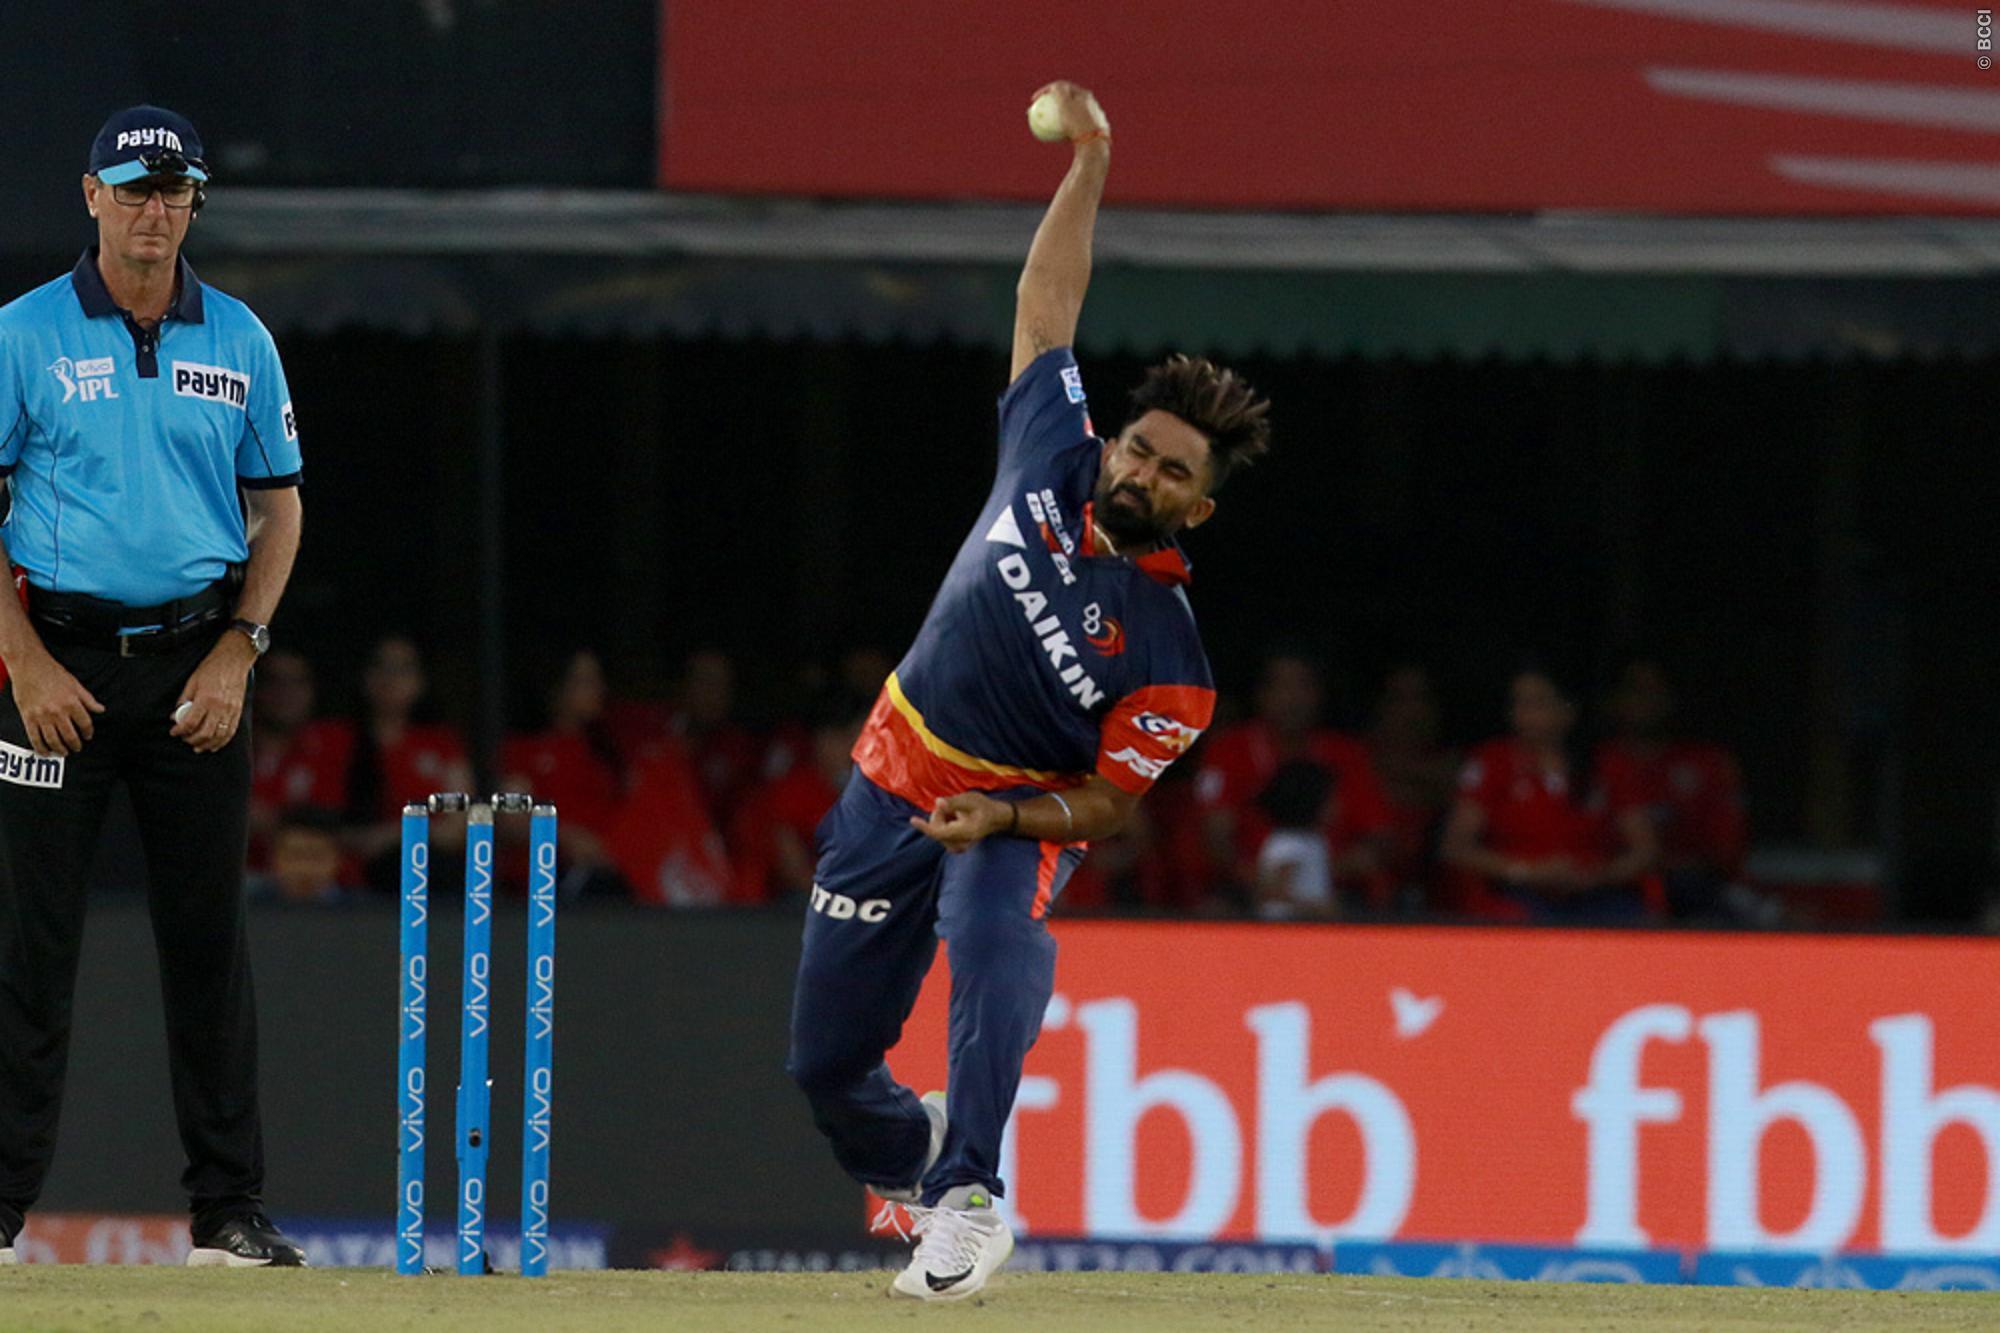 PLAYING XI: चेन्नई के खिलाफ इन 11 खिलाड़ियों को दिल्ली की टीम में जगह, क्या आज गंभीर है टीम का हिस्सा? 8